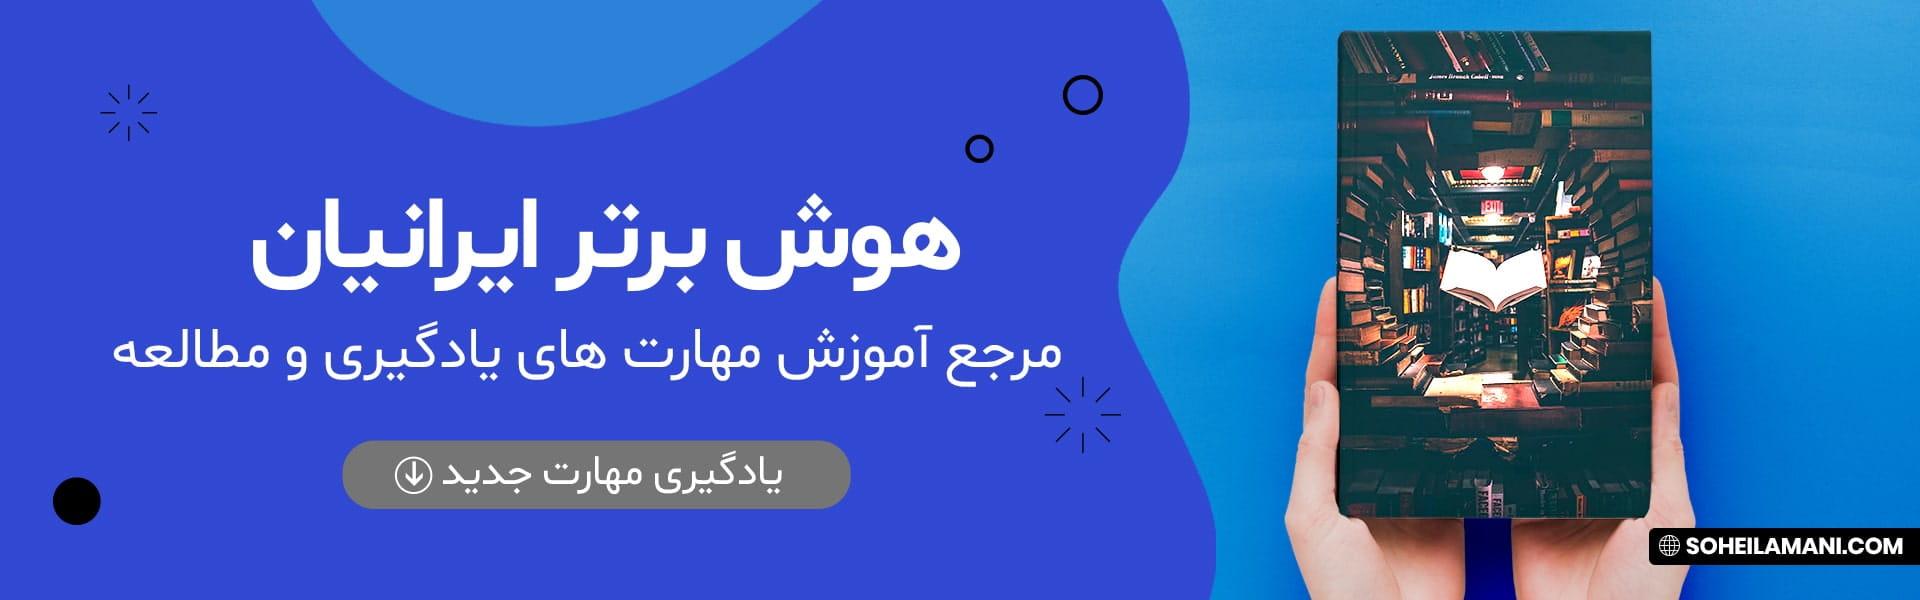 مرجع آموزش مهارتهای مطالعه و یادگیری - هوش برتر ایرانیان